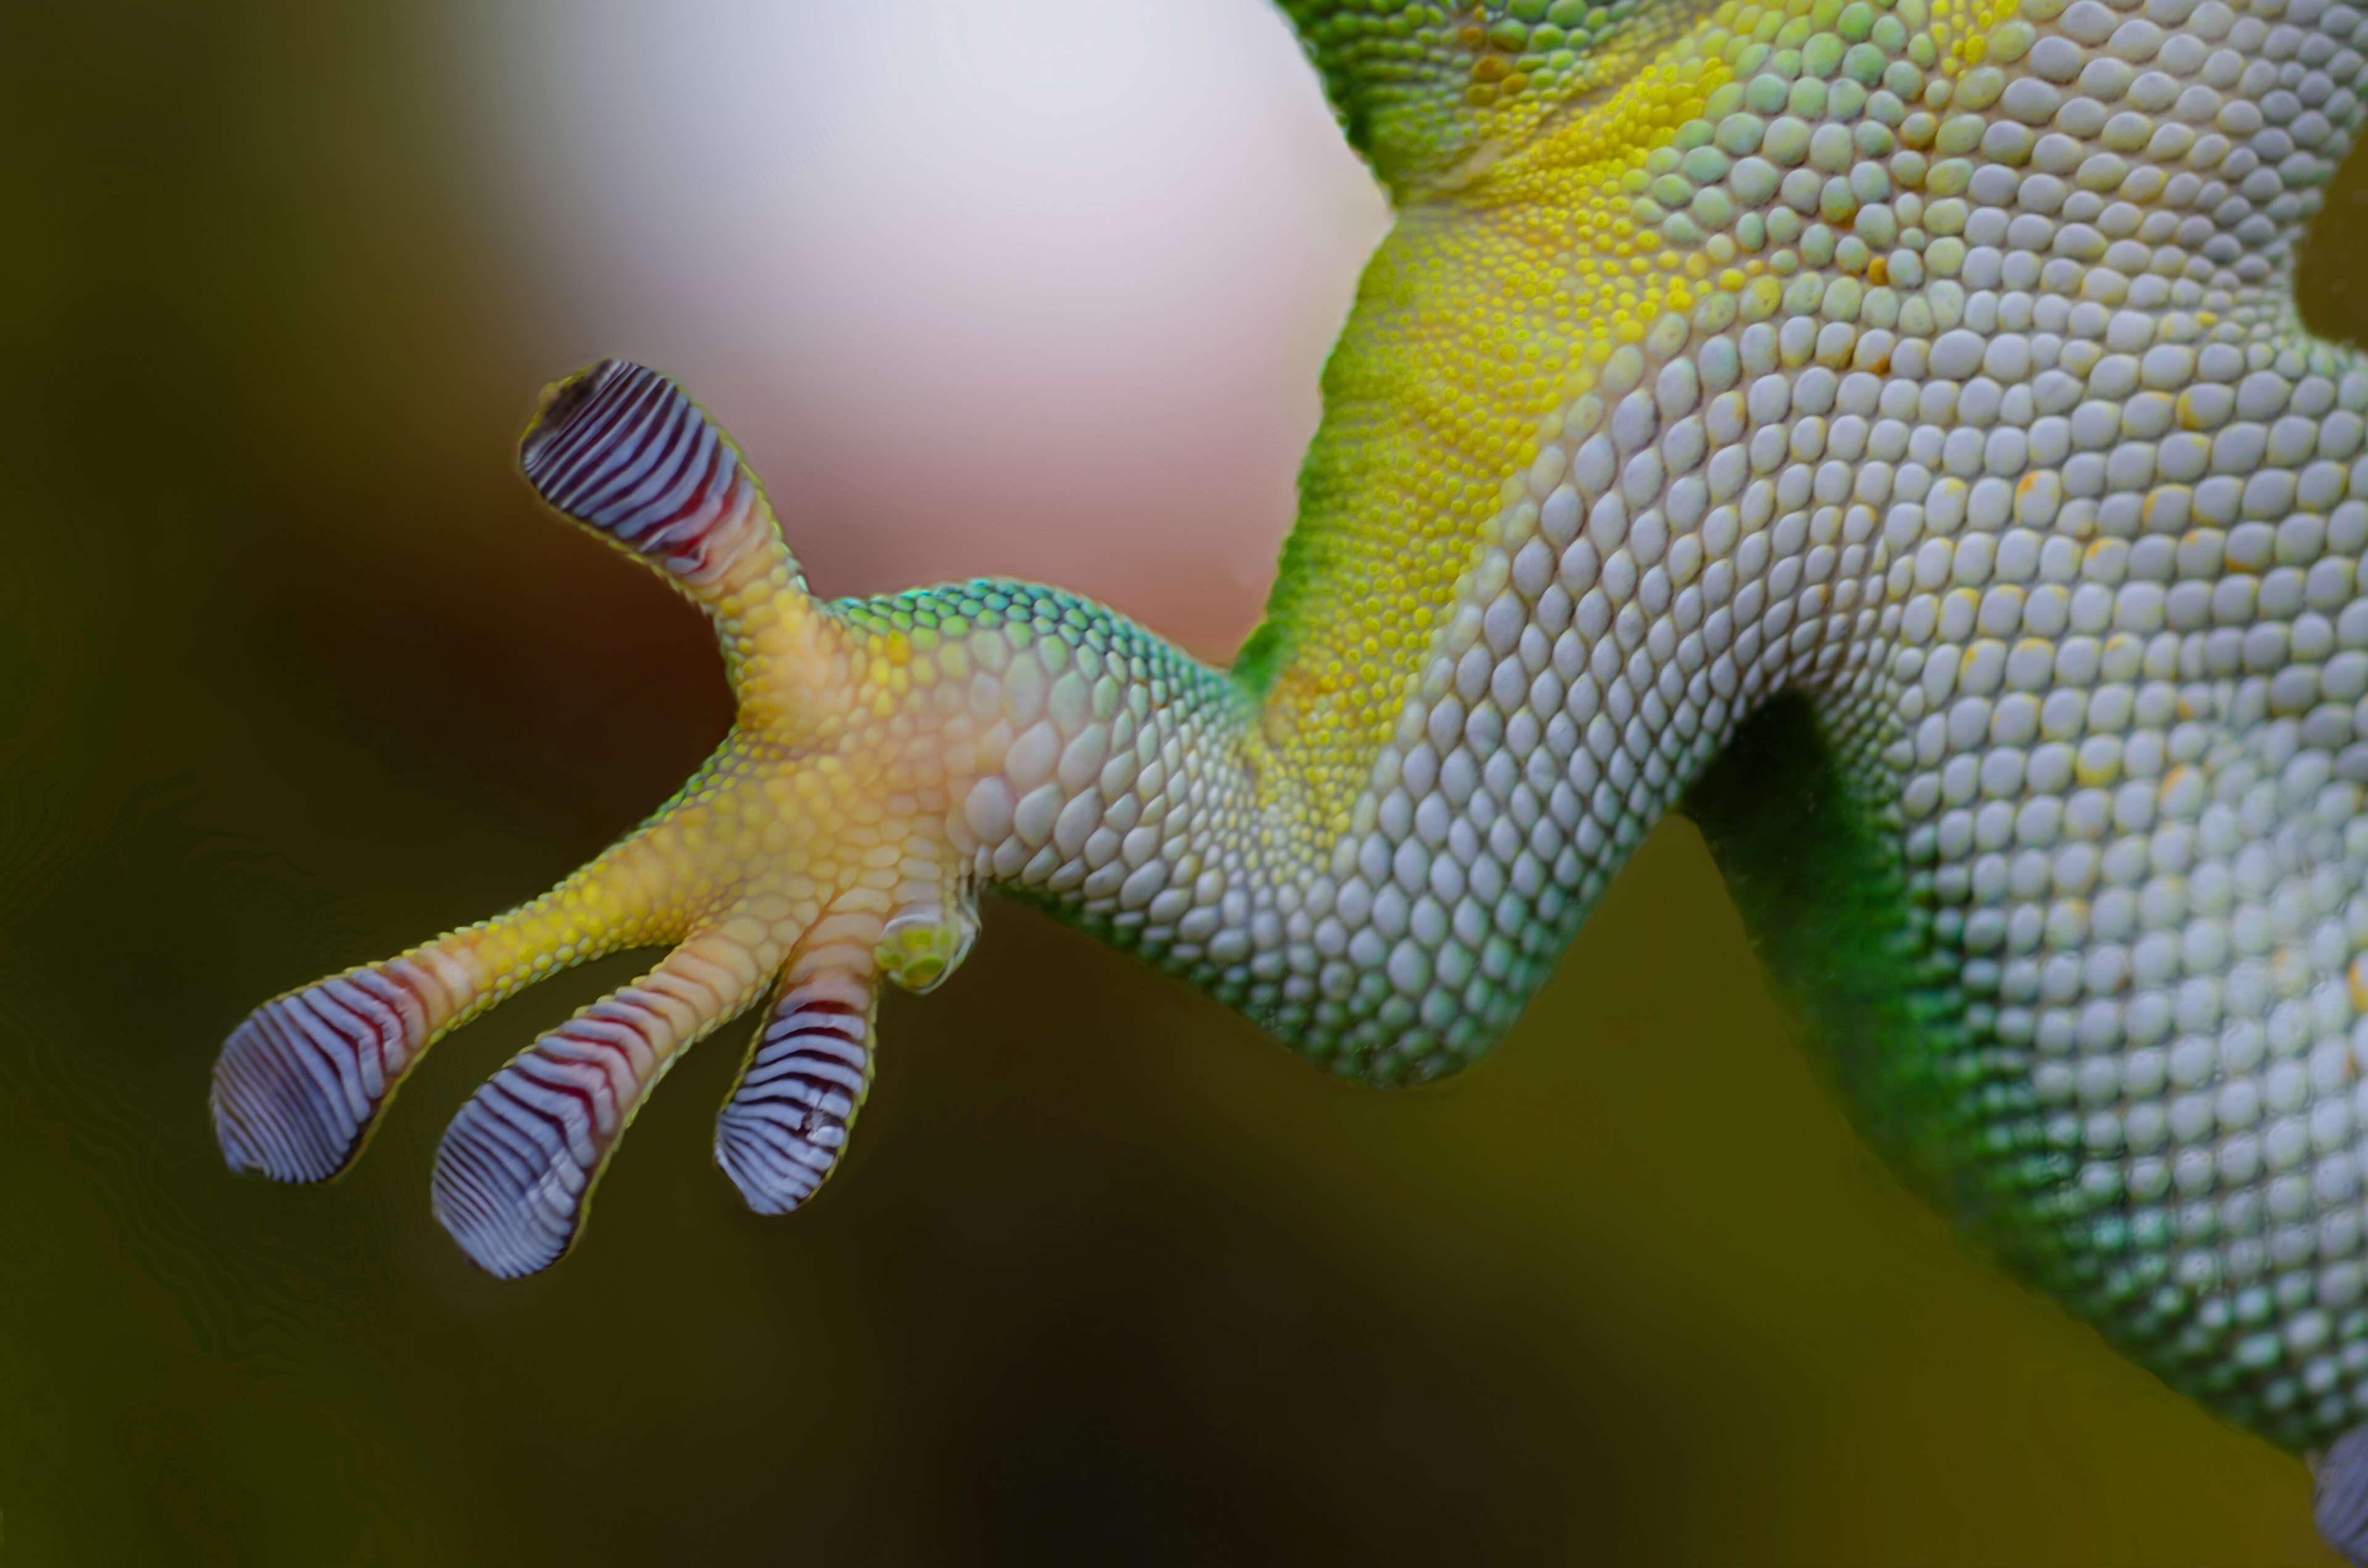 animal glass glue glued green iguana lizard paw